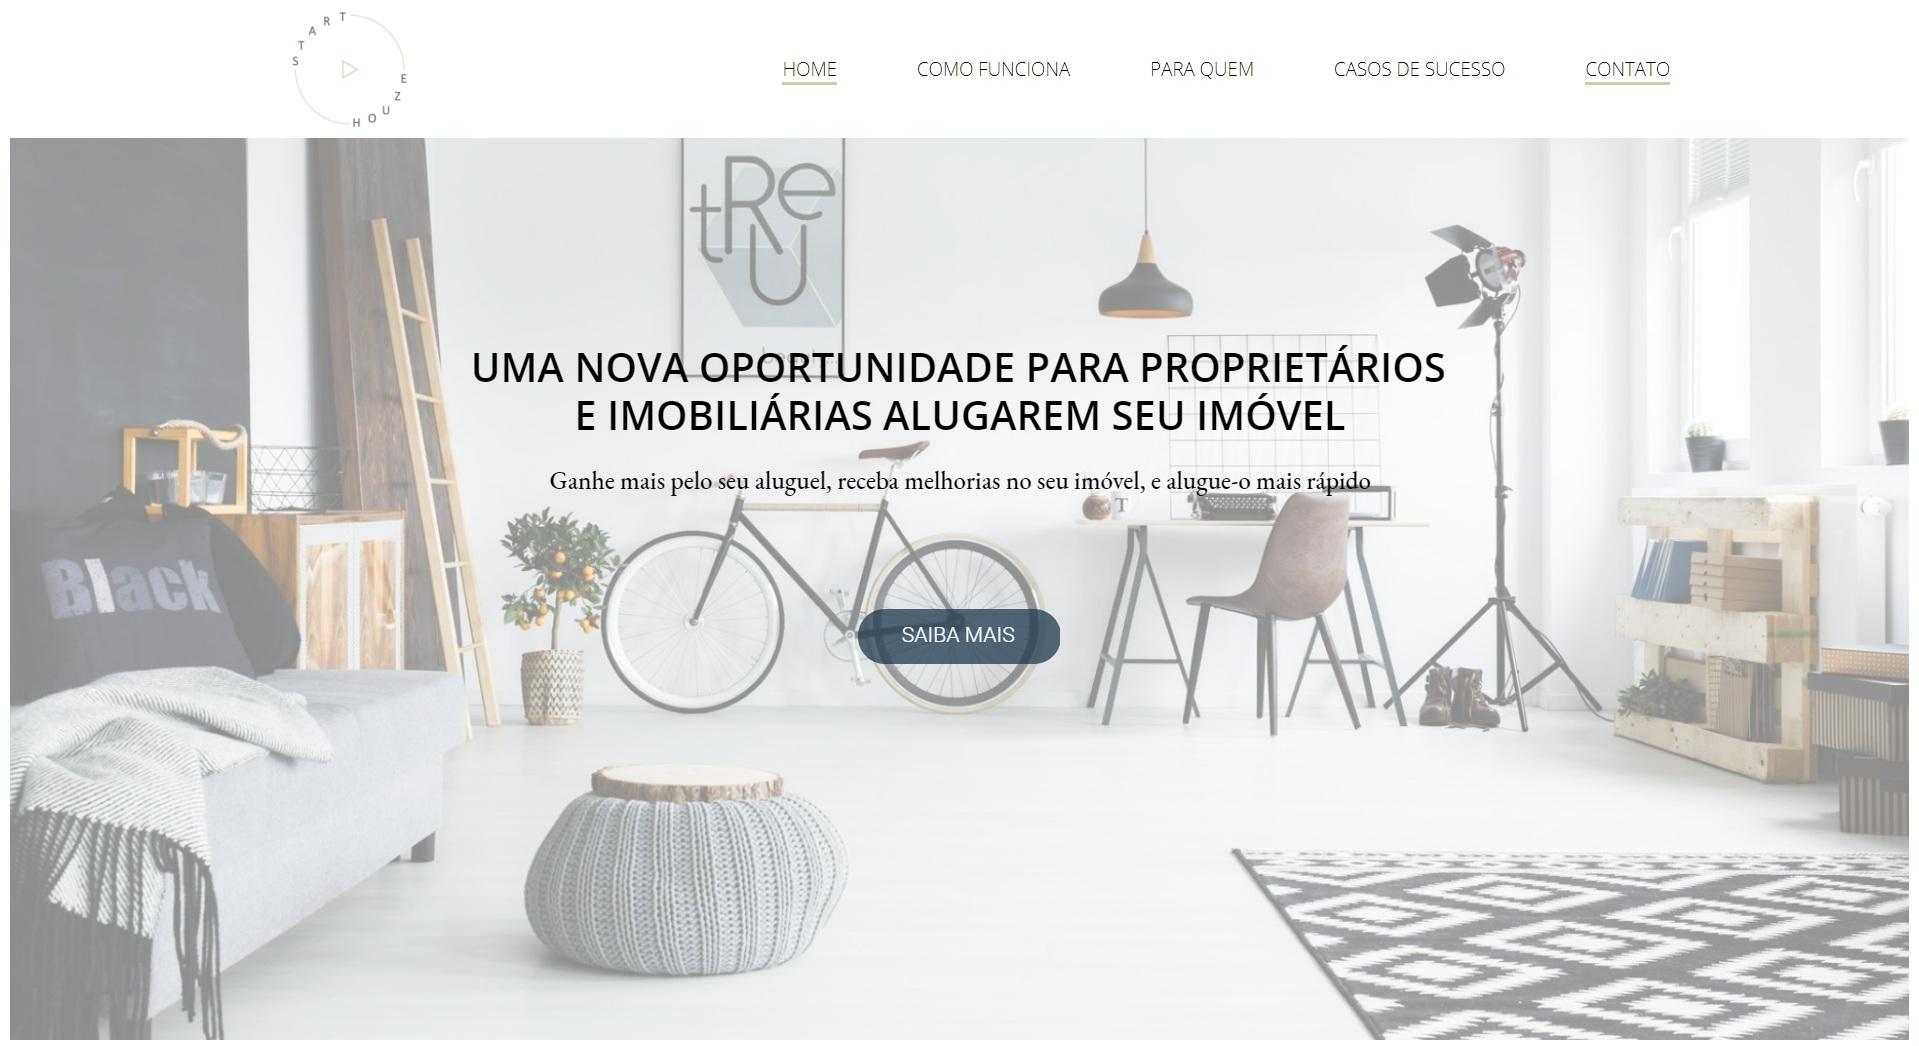 www.starthouze.com.br